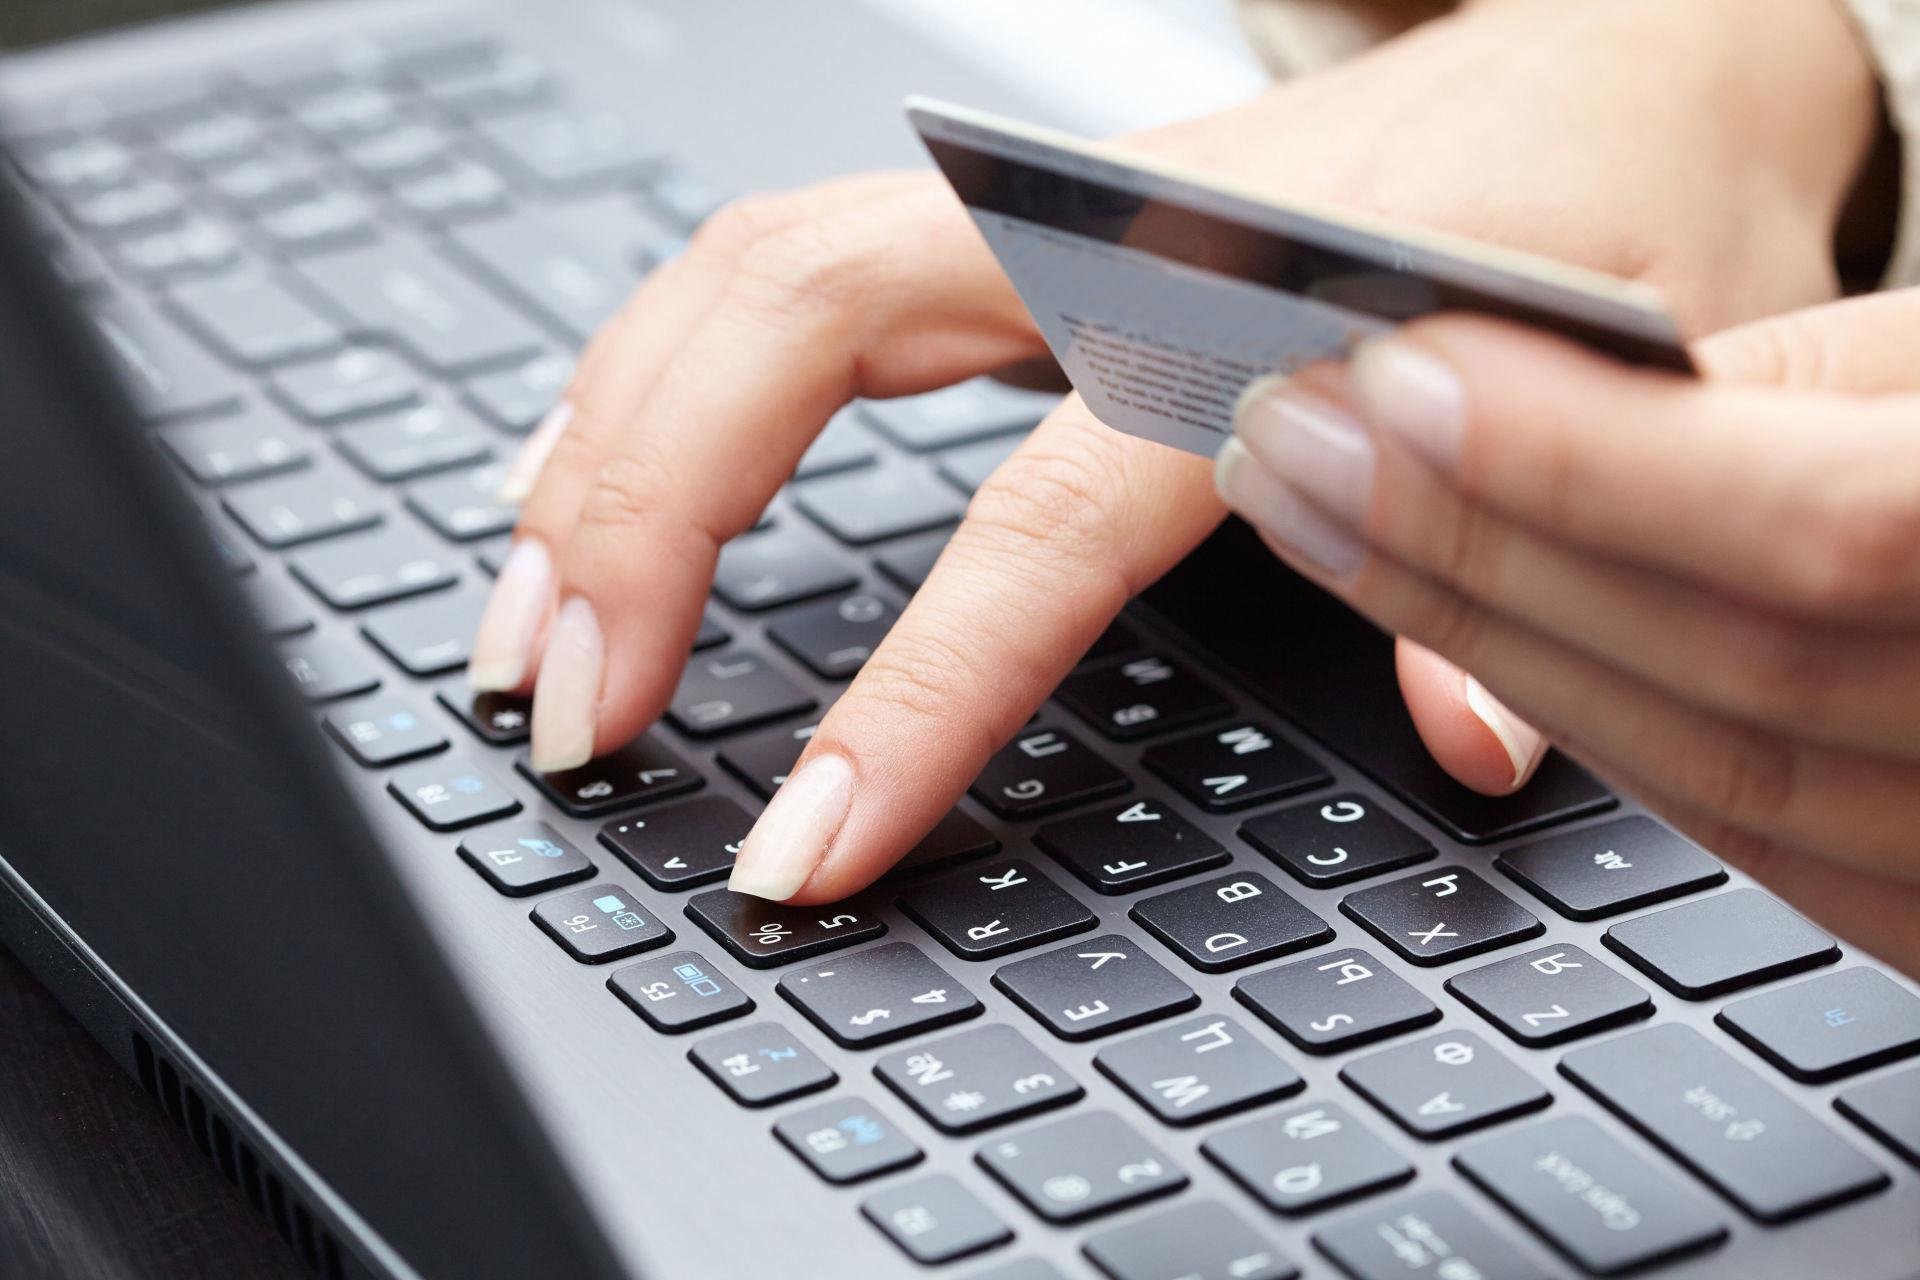 Злоумышленники используют для краж банковские мобильные приложения